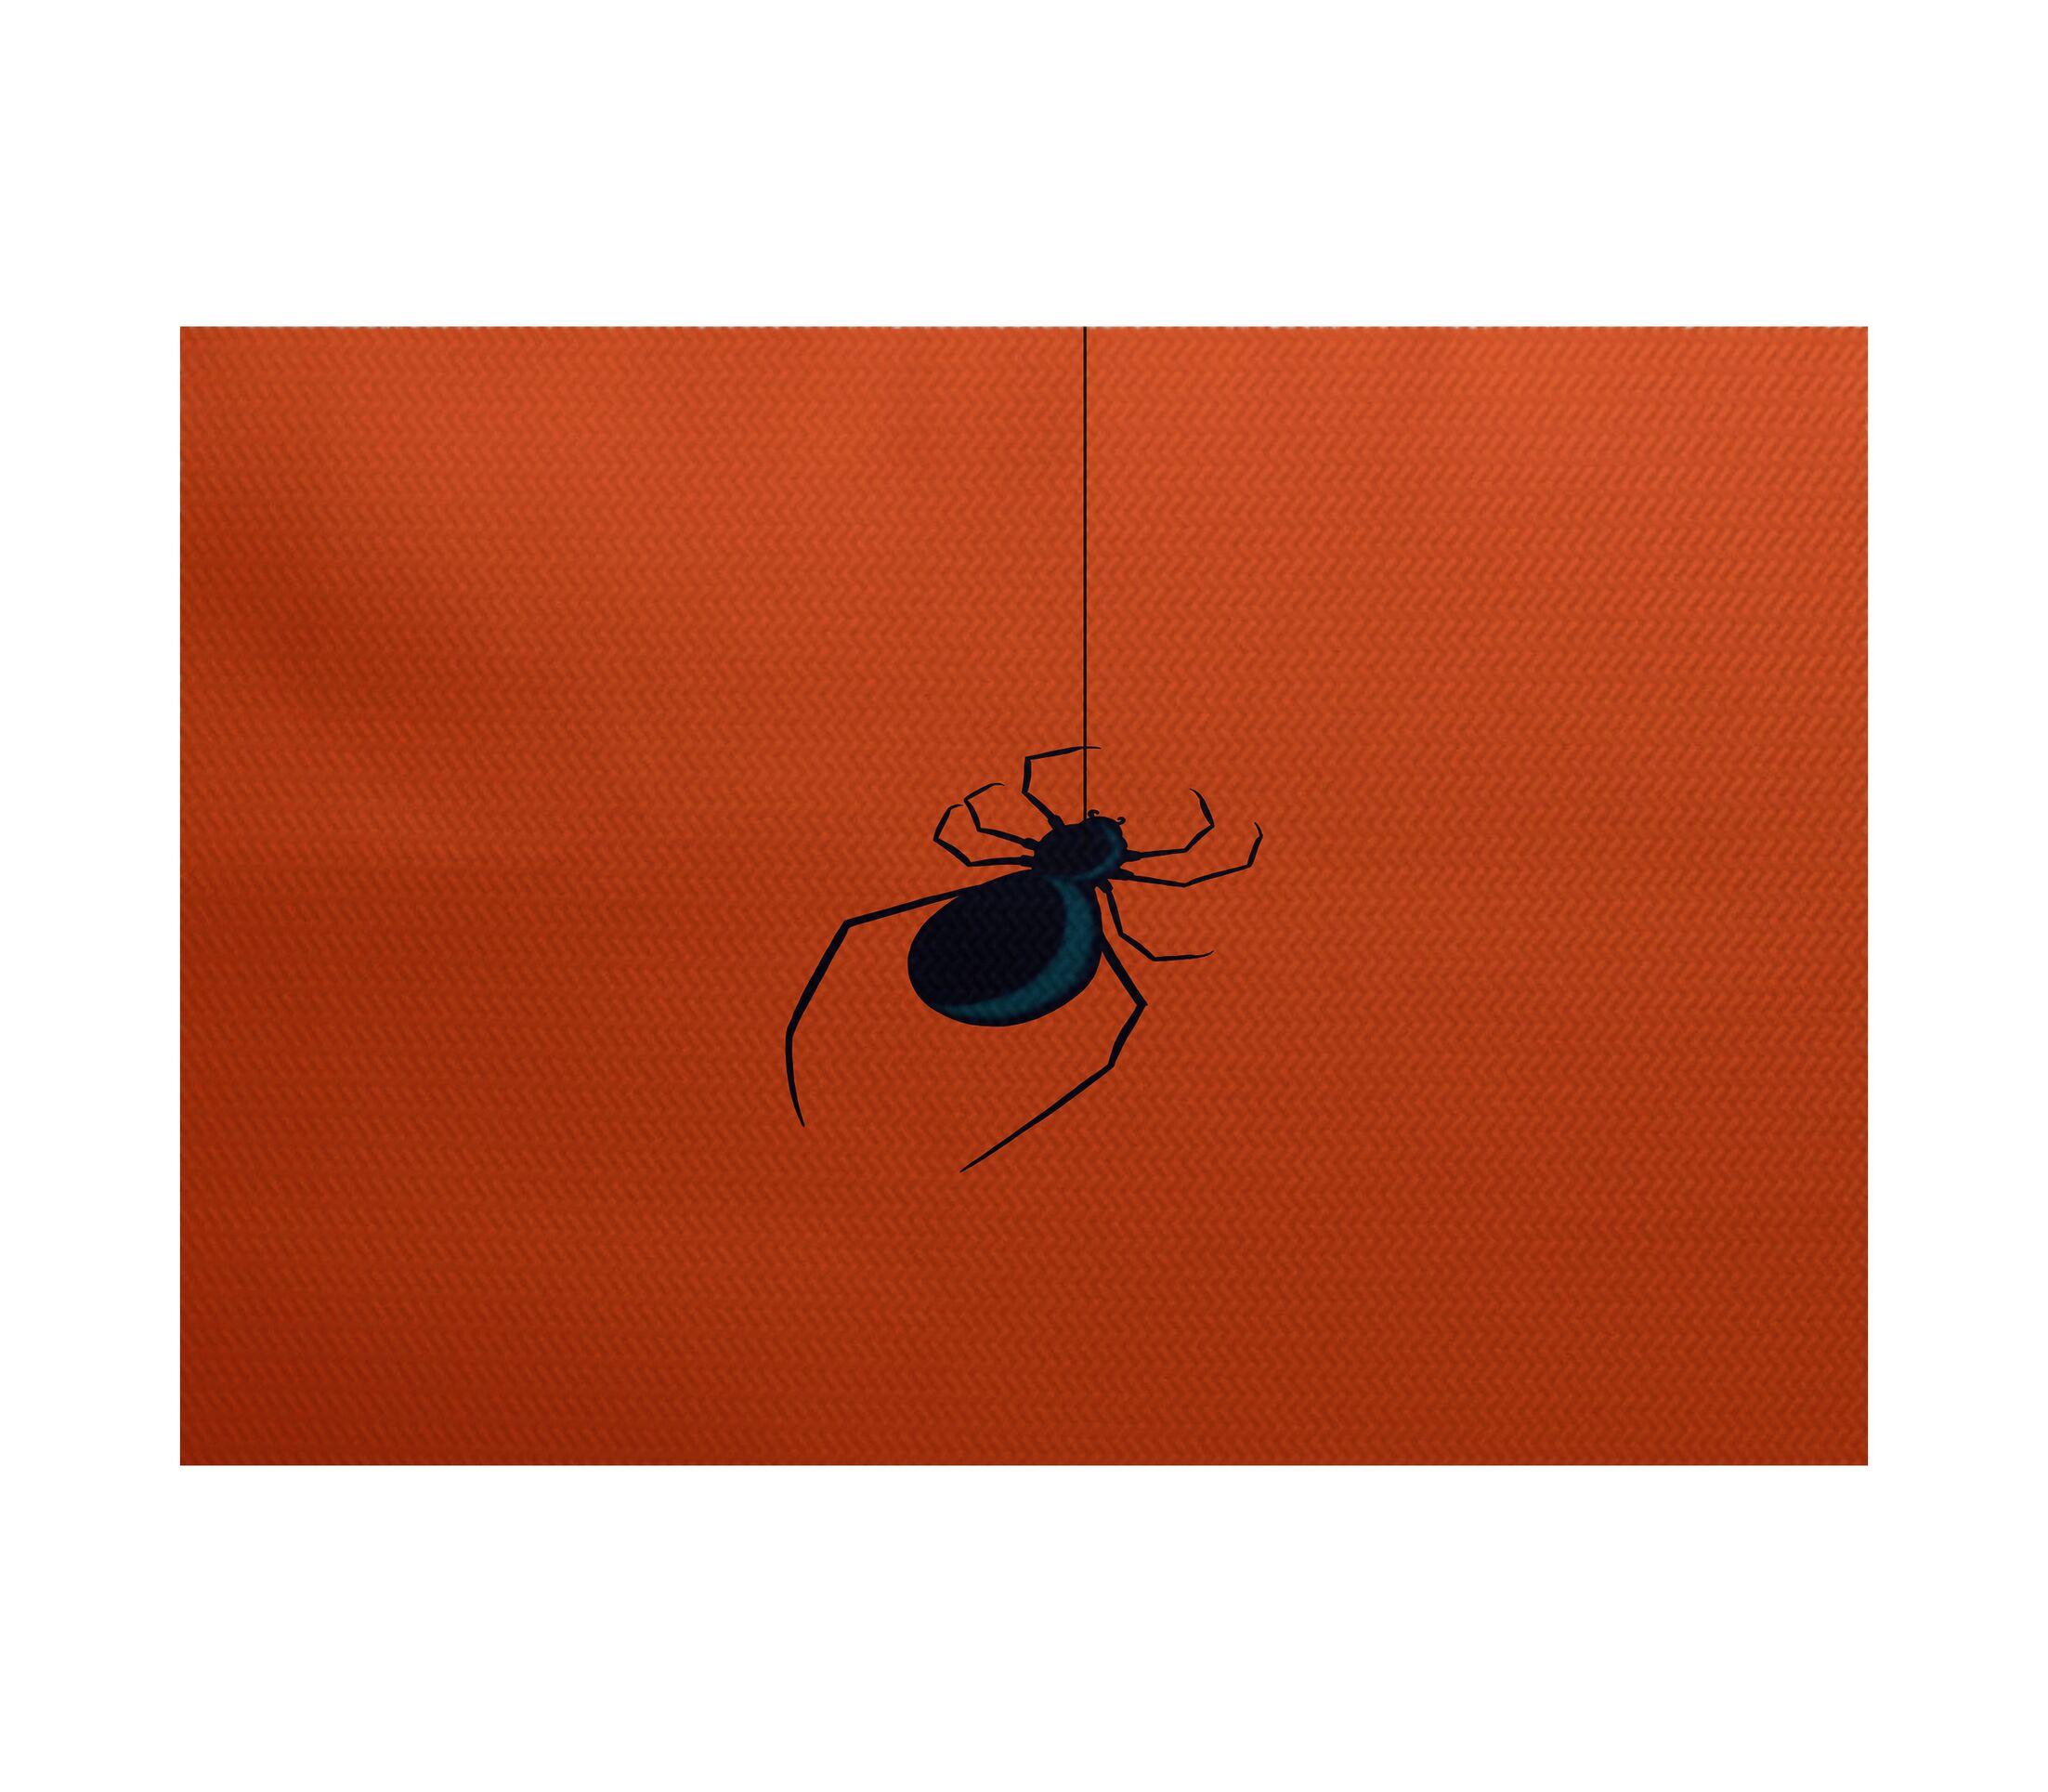 Eeek! Holiday Print Orange Indoor/Outdoor Area Rug Rug Size: Rectangle 3' x 5'